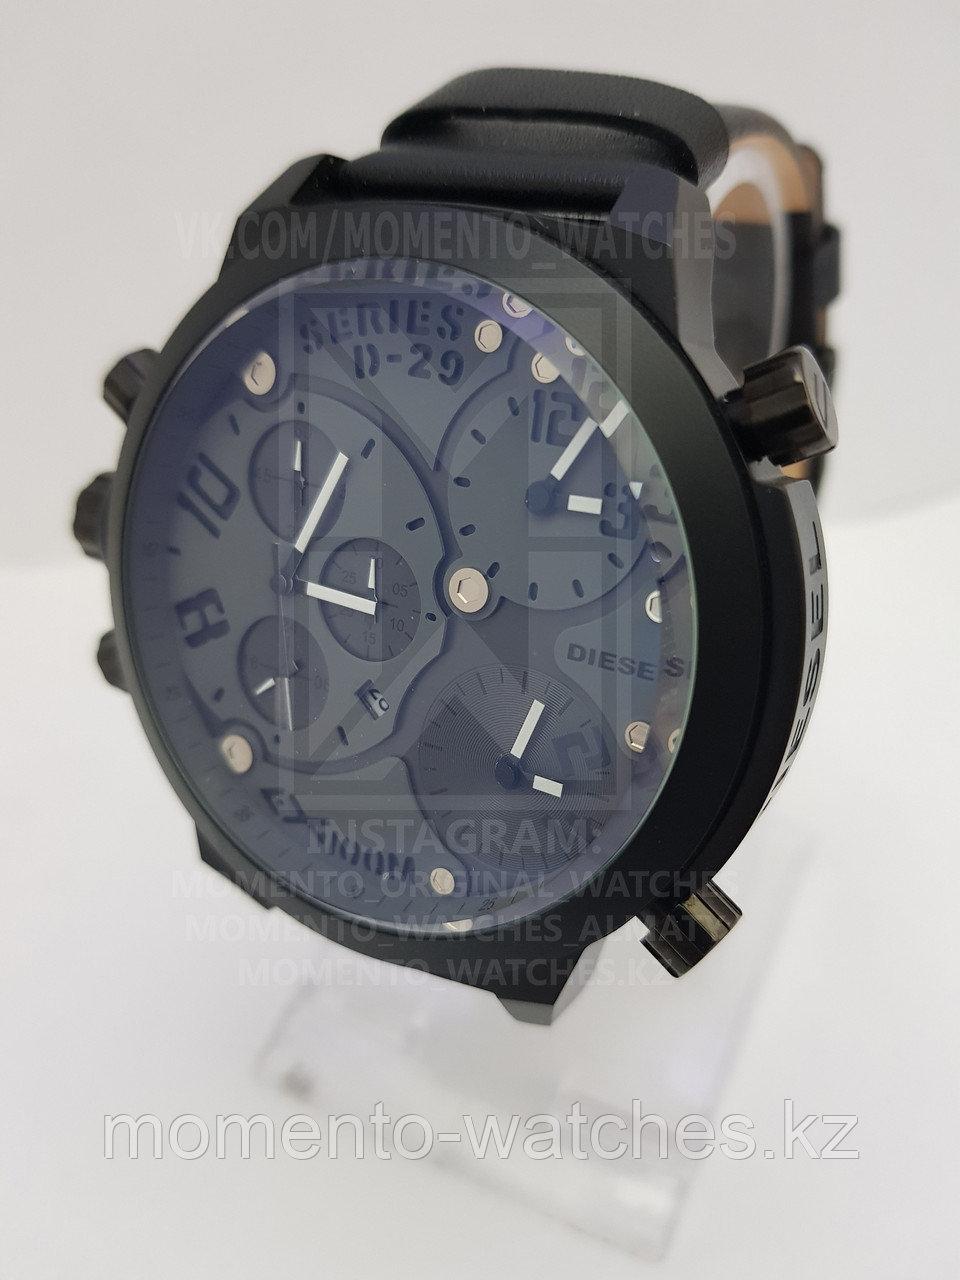 Мужские часы Diesel 3 TIME